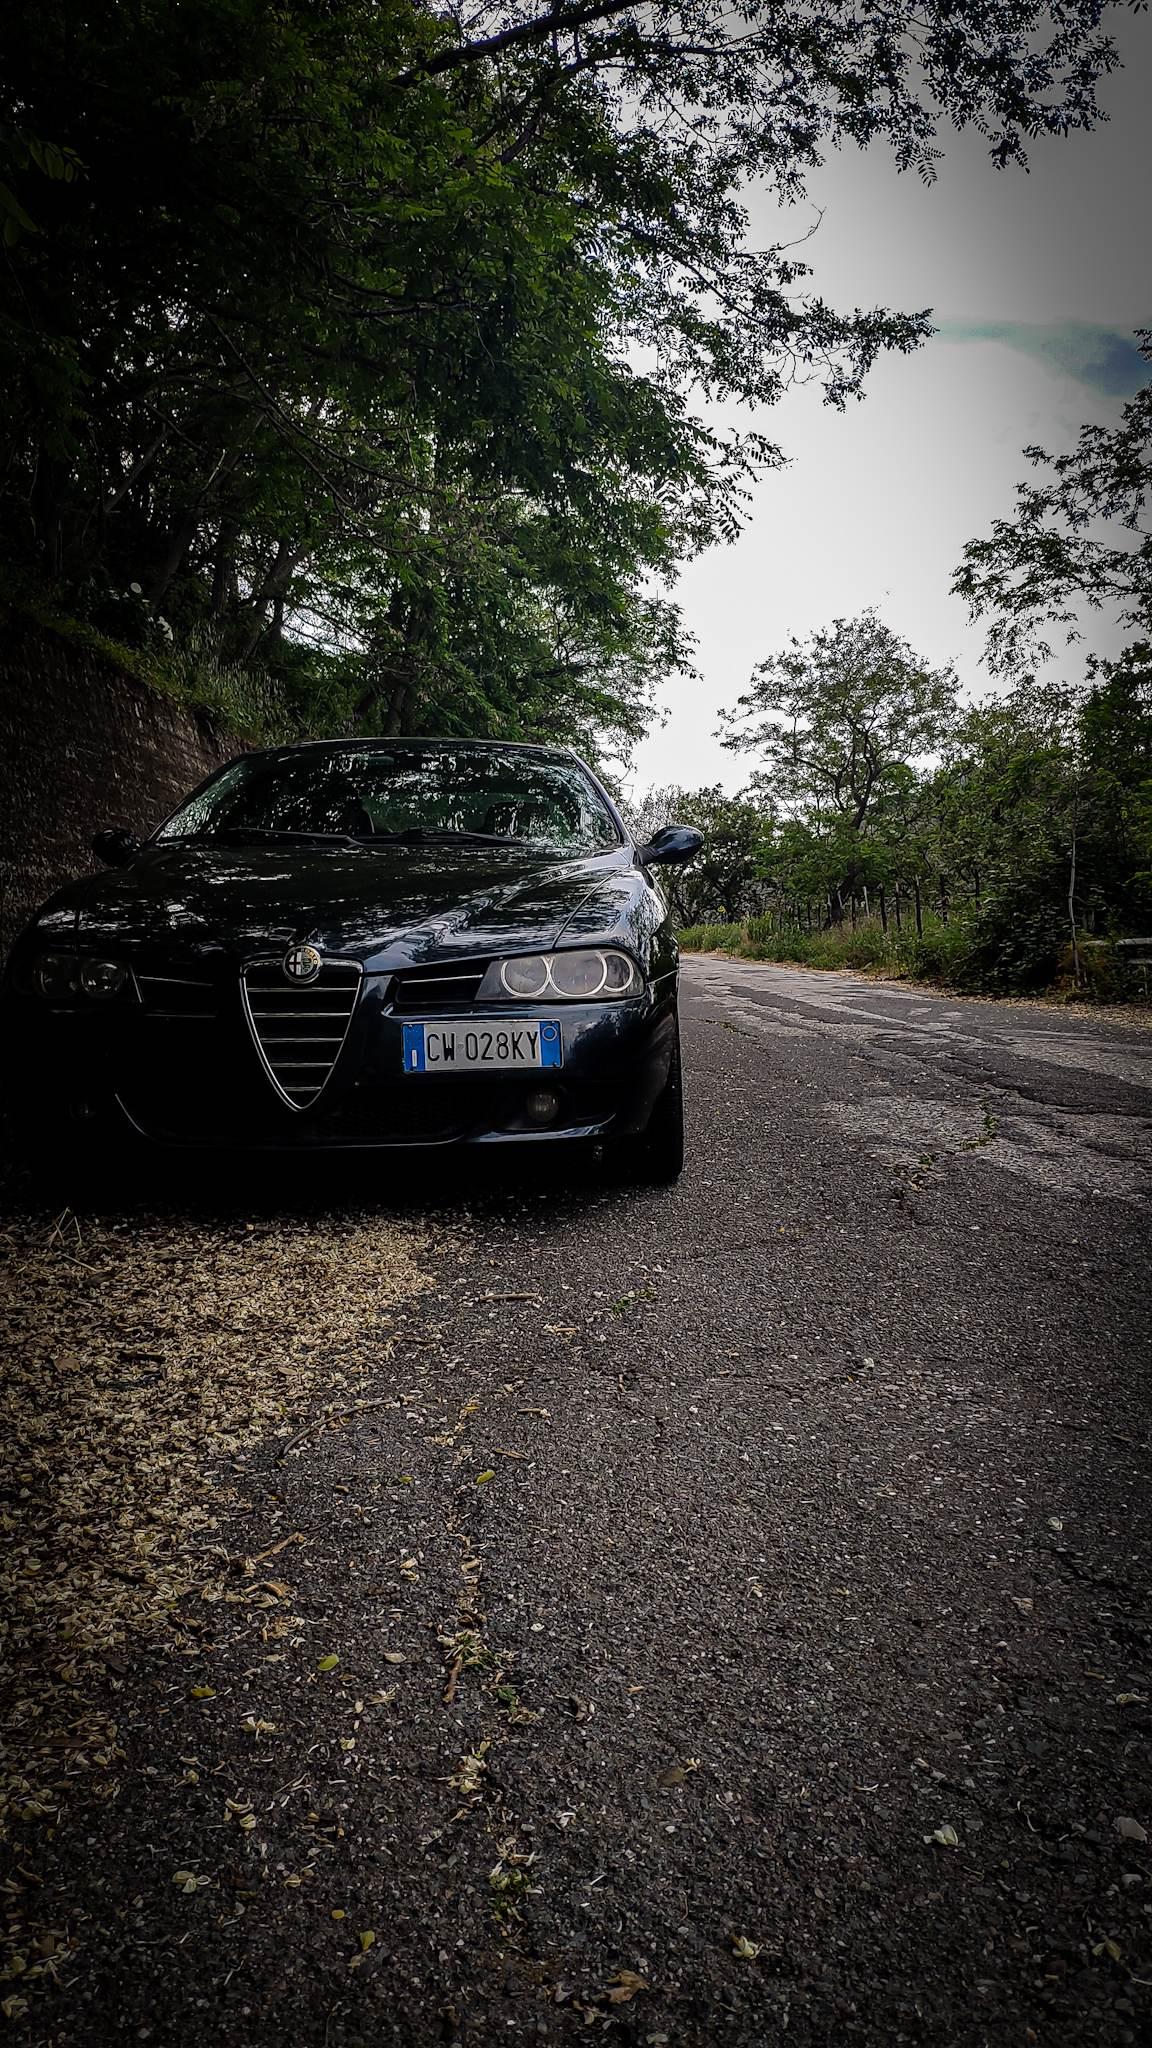 foto Alfa Romeo 156 - 1.9 JTD-m 140cv - Progression - Blu Capri - 2005 - CT - 3